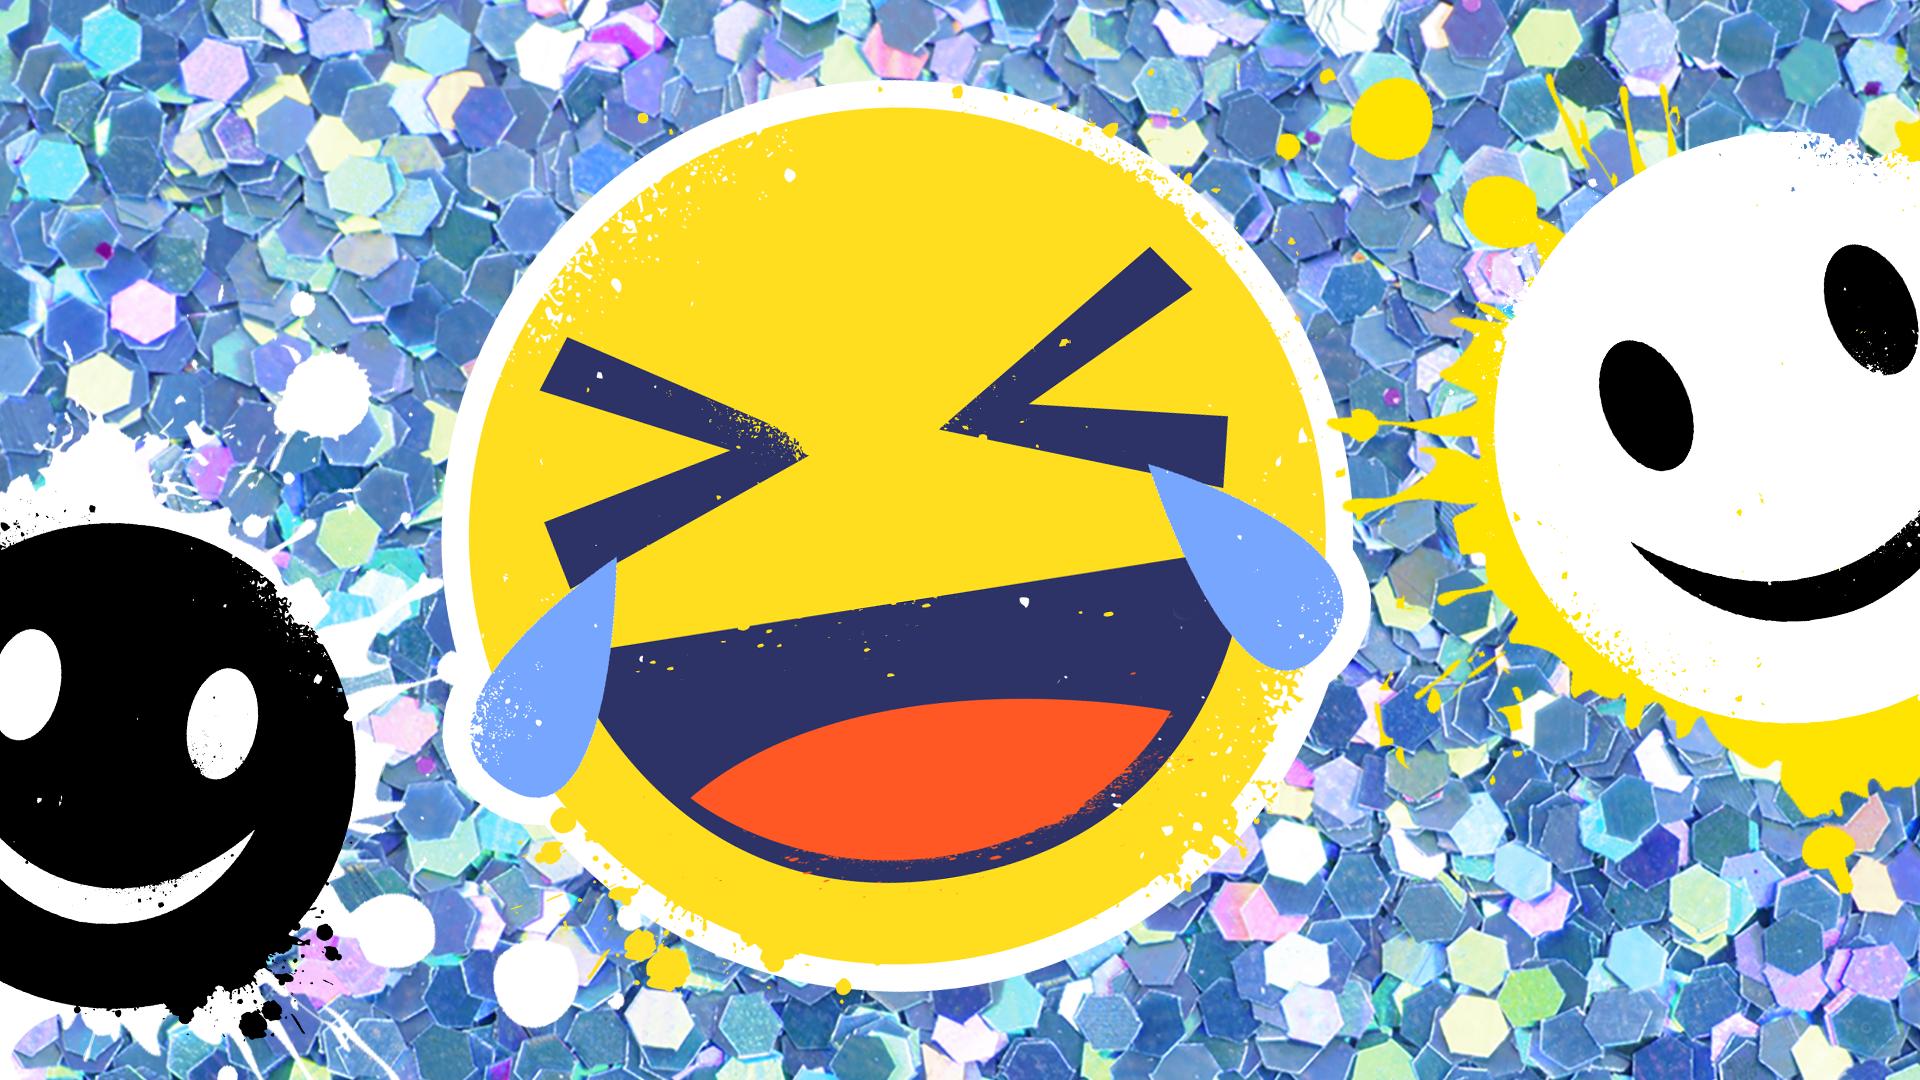 Laughing crying emoji face